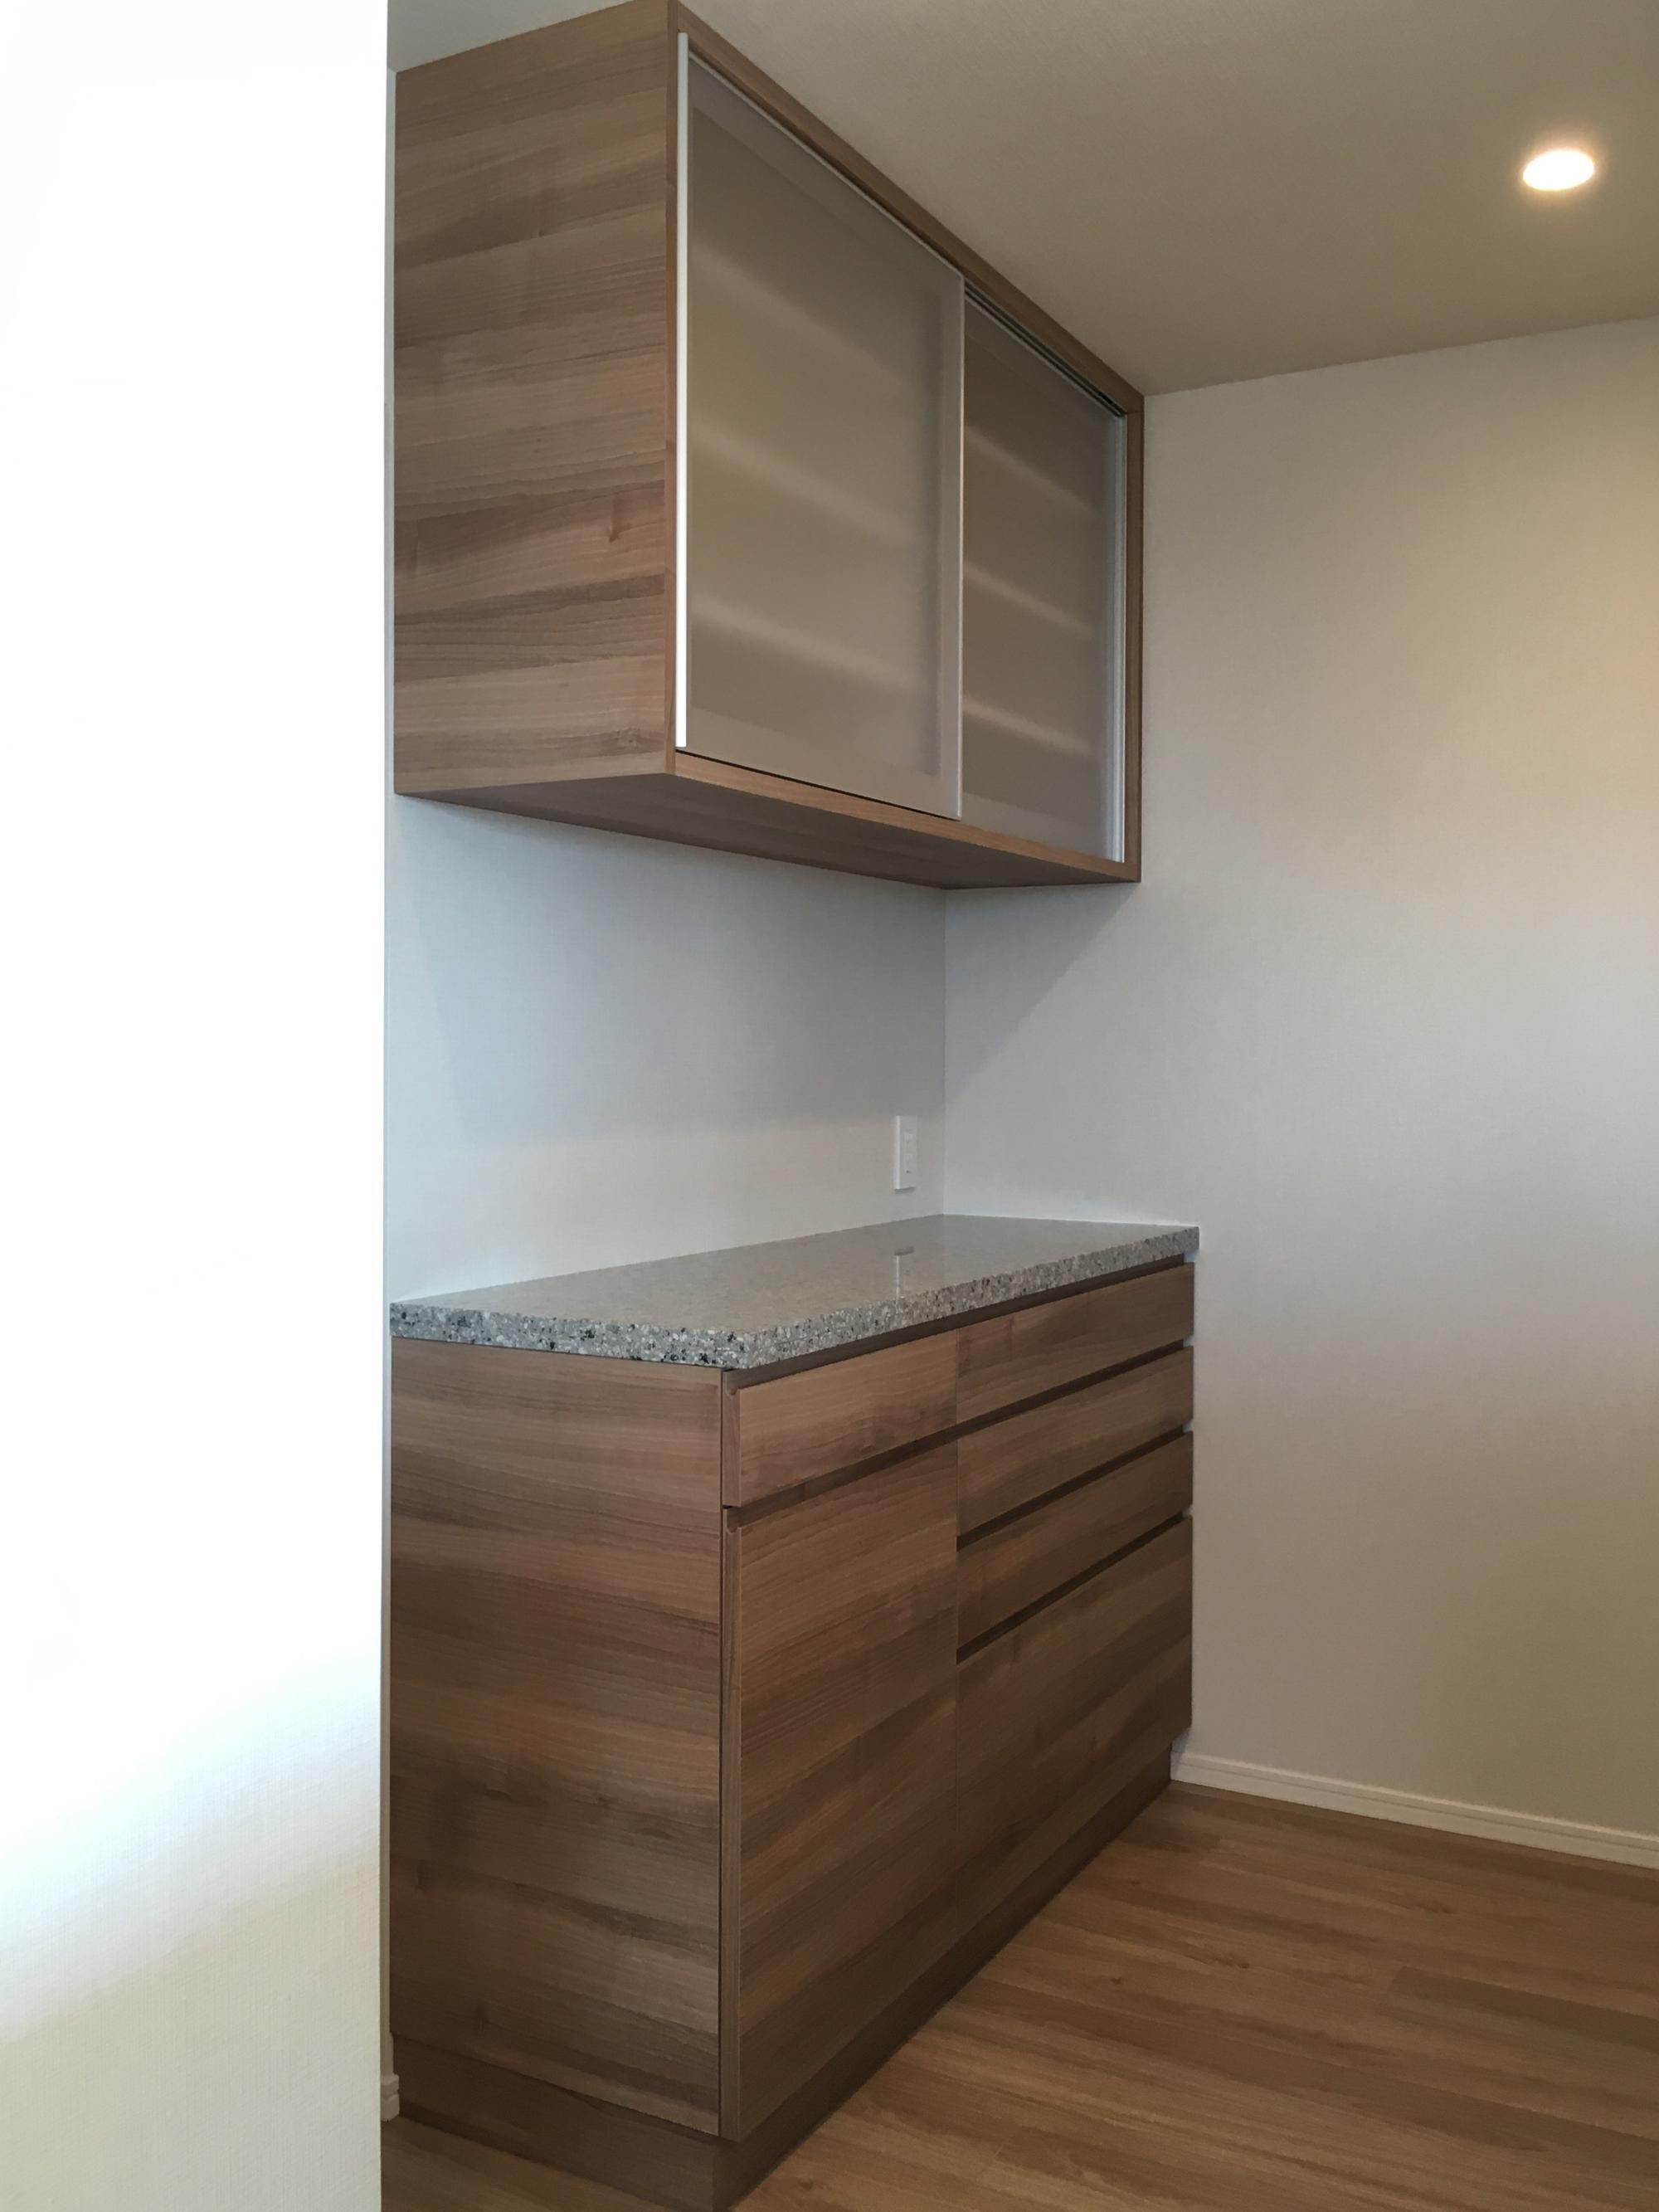 食器棚 オーダー家具 マンション オプション